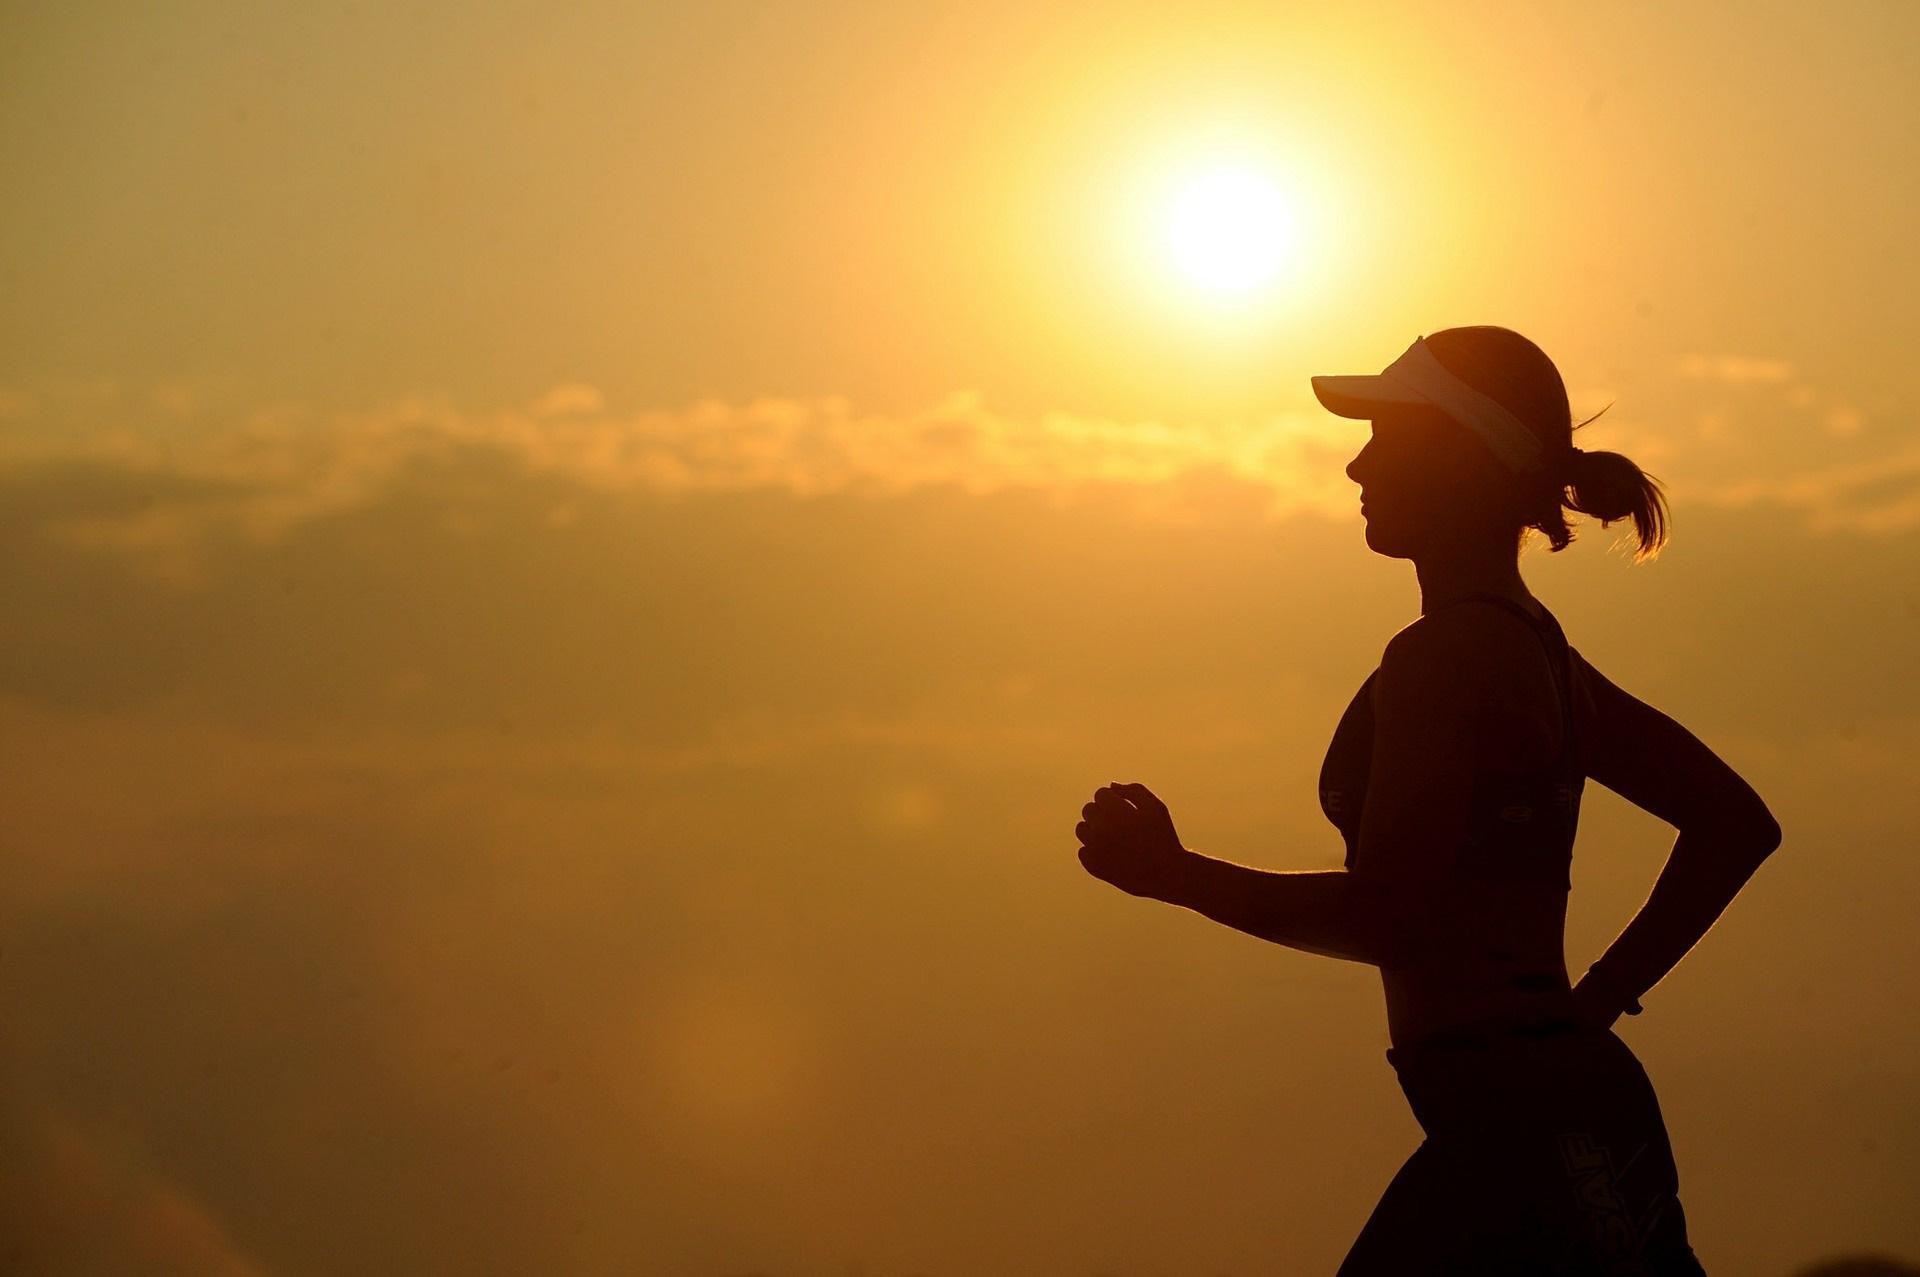 Palestra la mattina presto: cosa mangiare e quali esercizi fare appena svegli